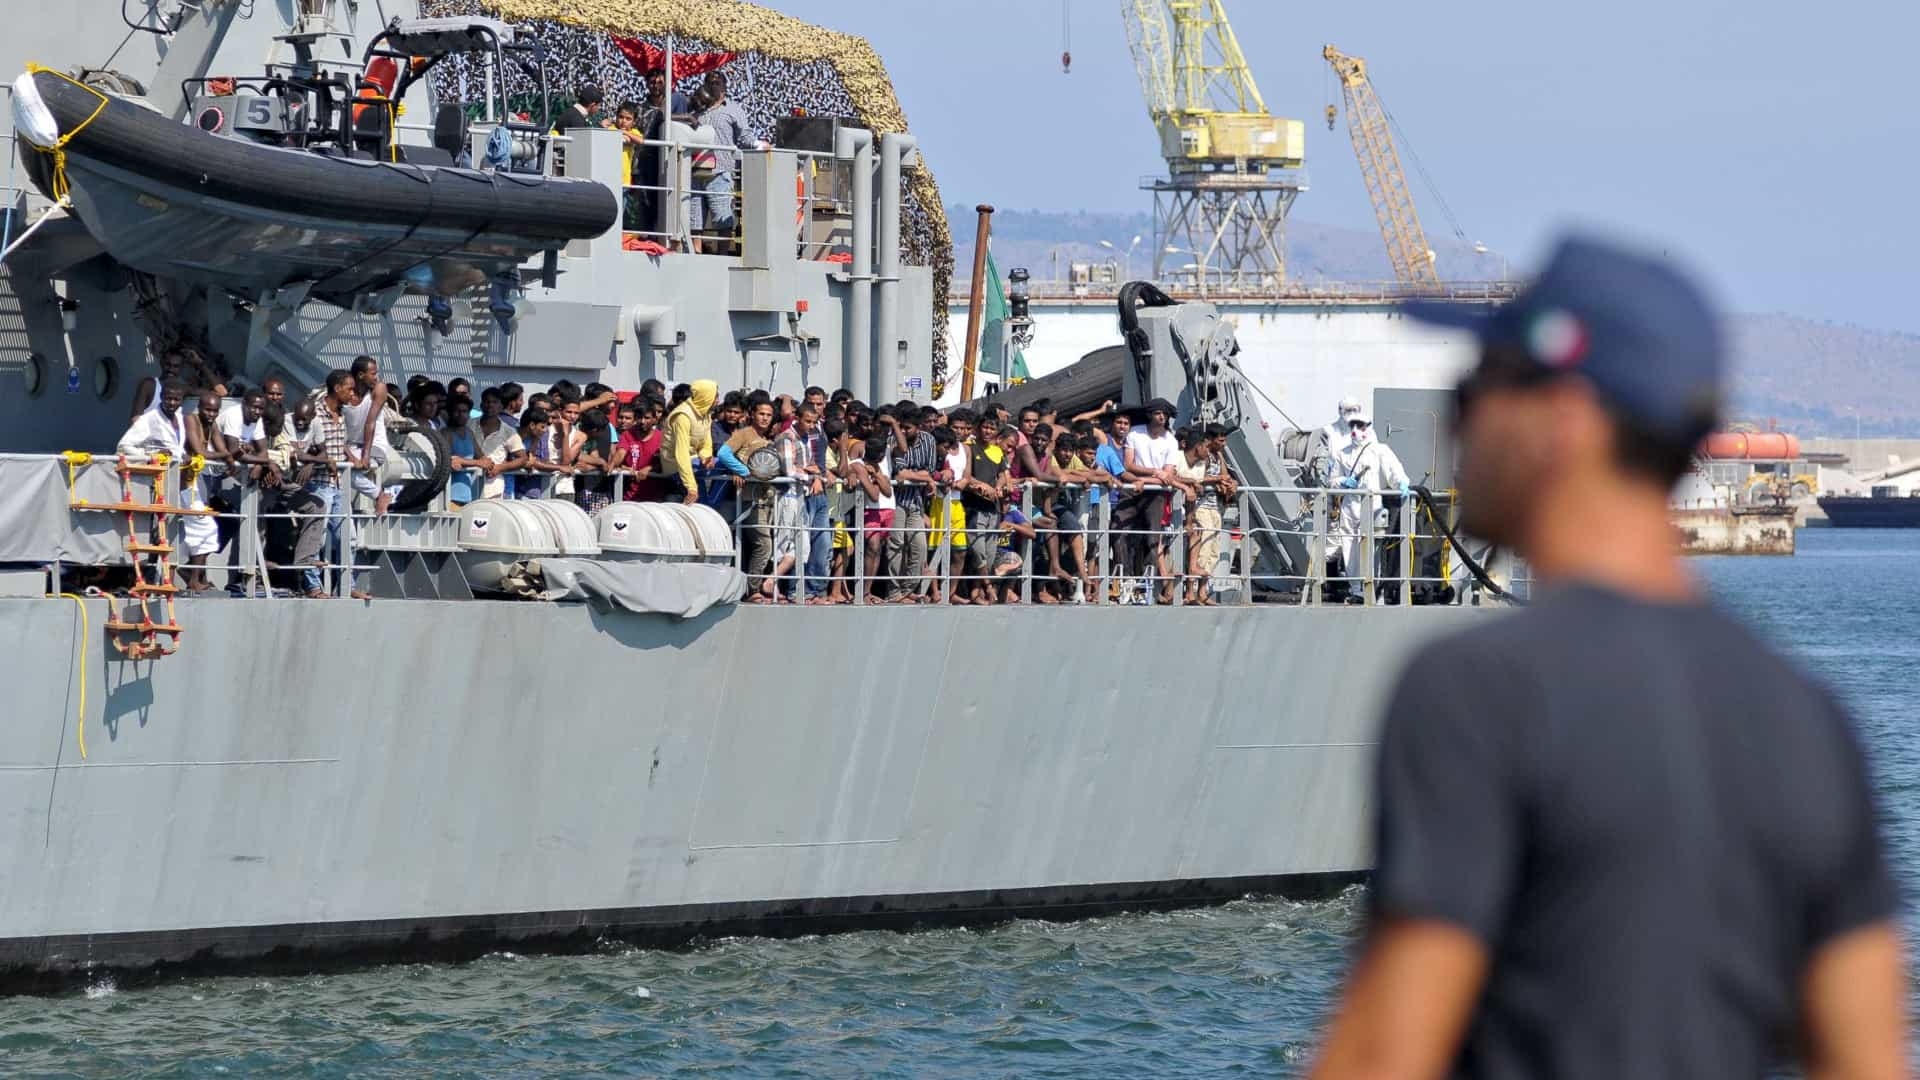 Itália autoriza desembarque de migrantes retidos em navio